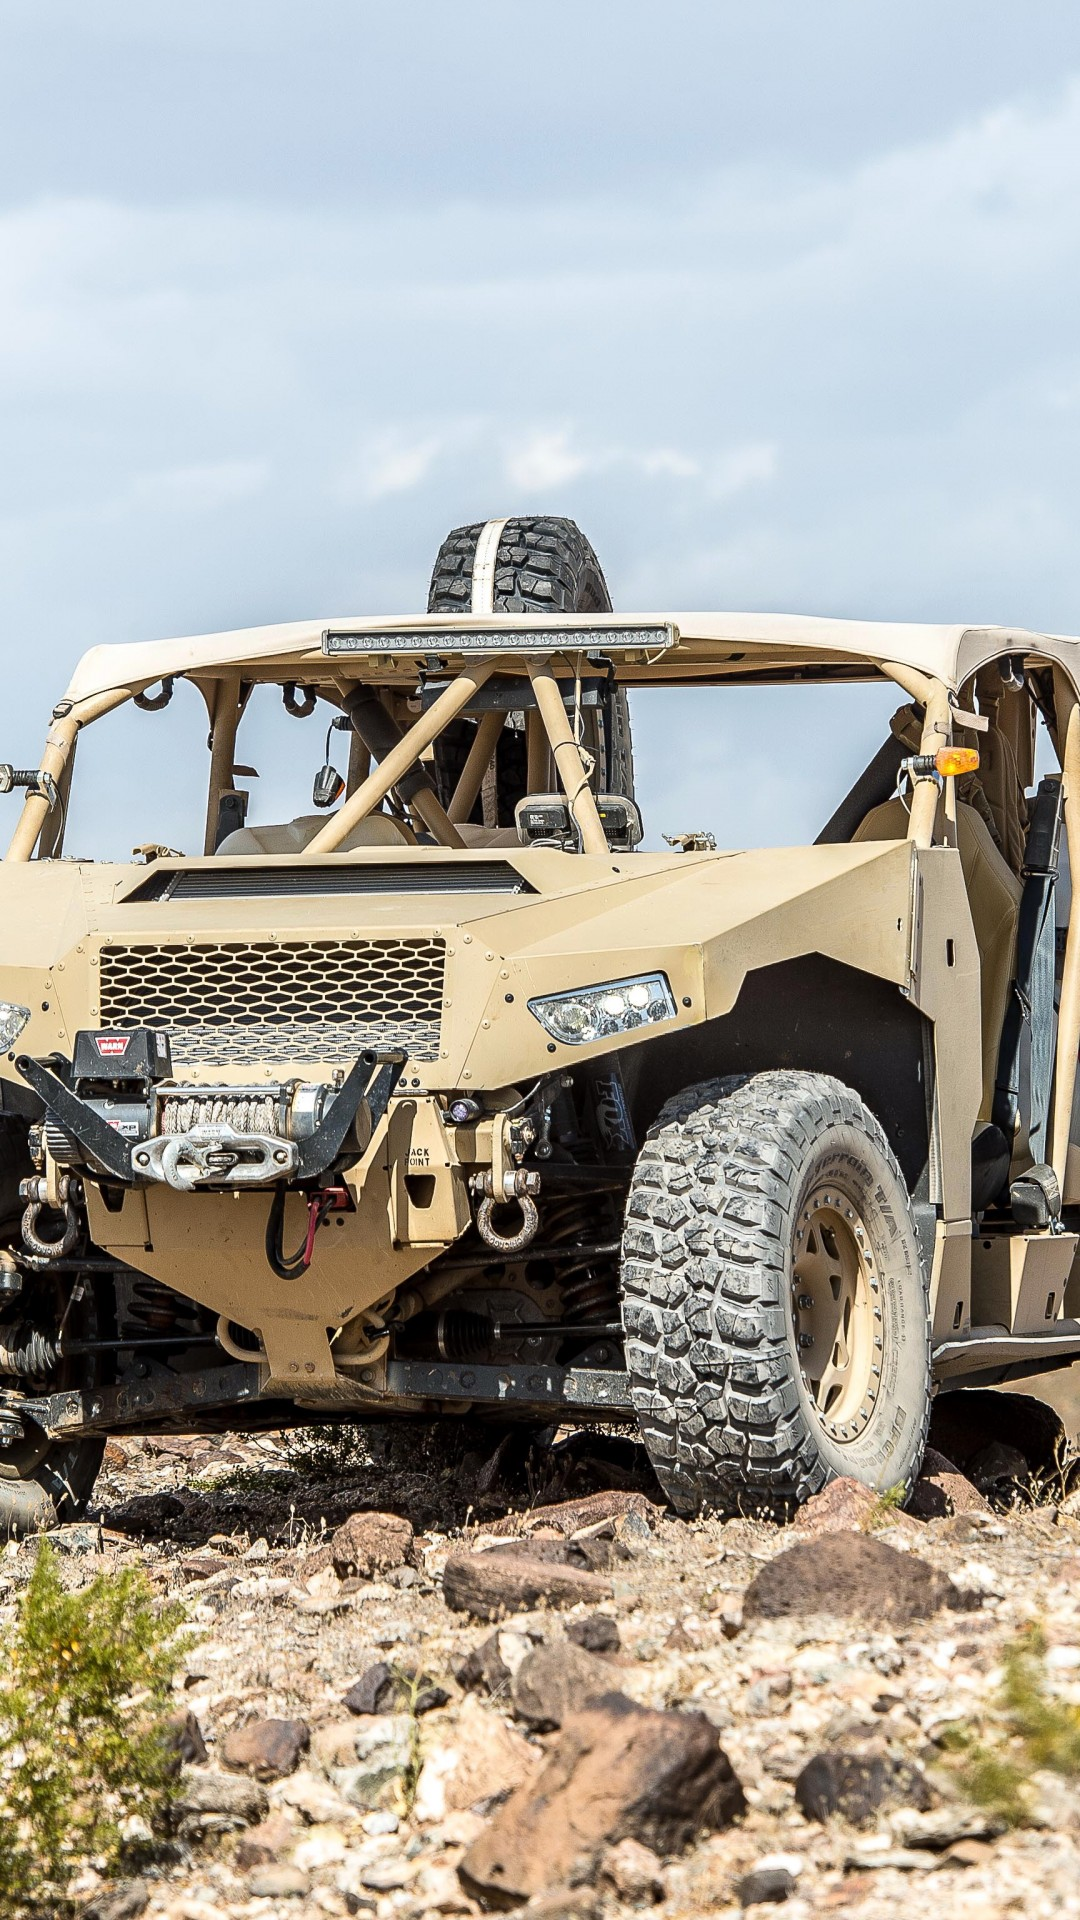 Wallpaper Polaris Dagor Ultra Light Combat Vehicle